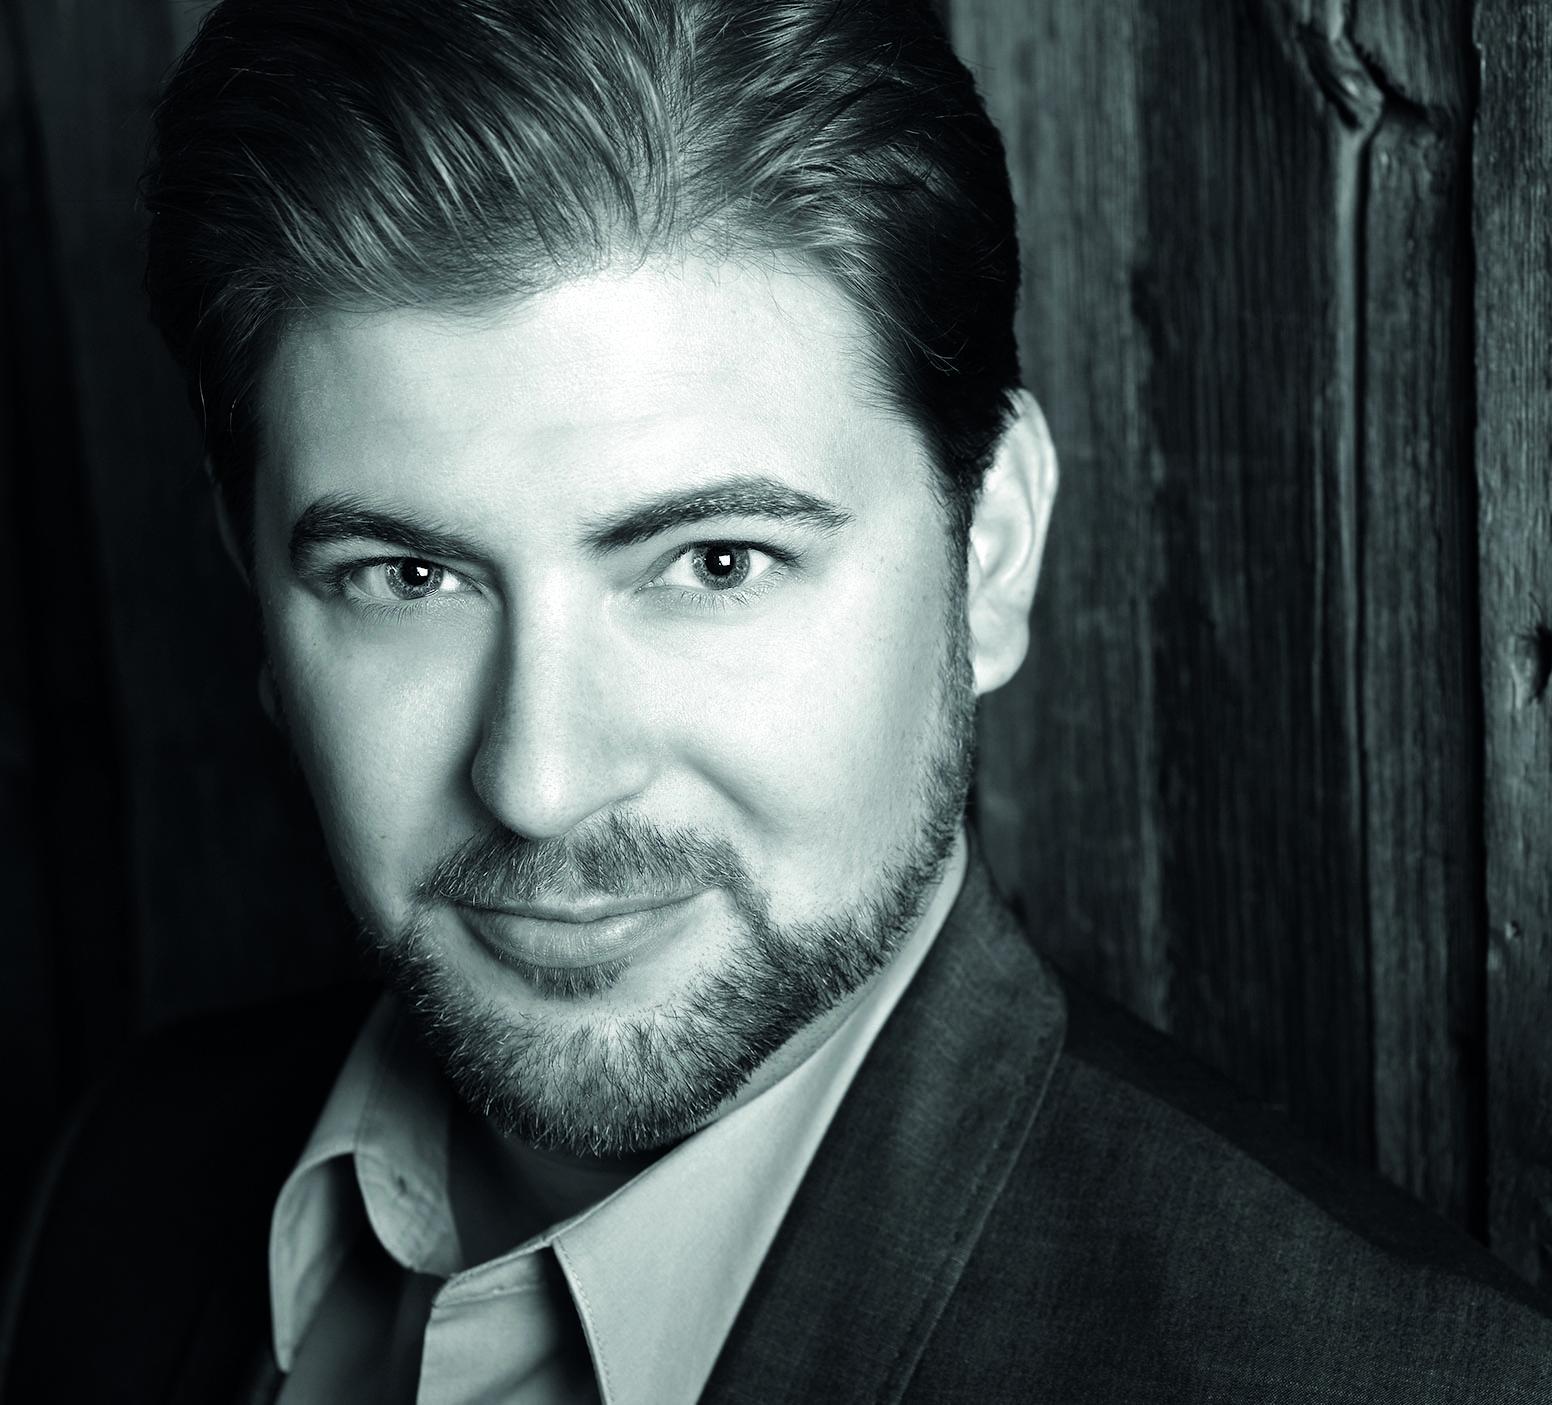 Craig Colclough - artist at English National Opera